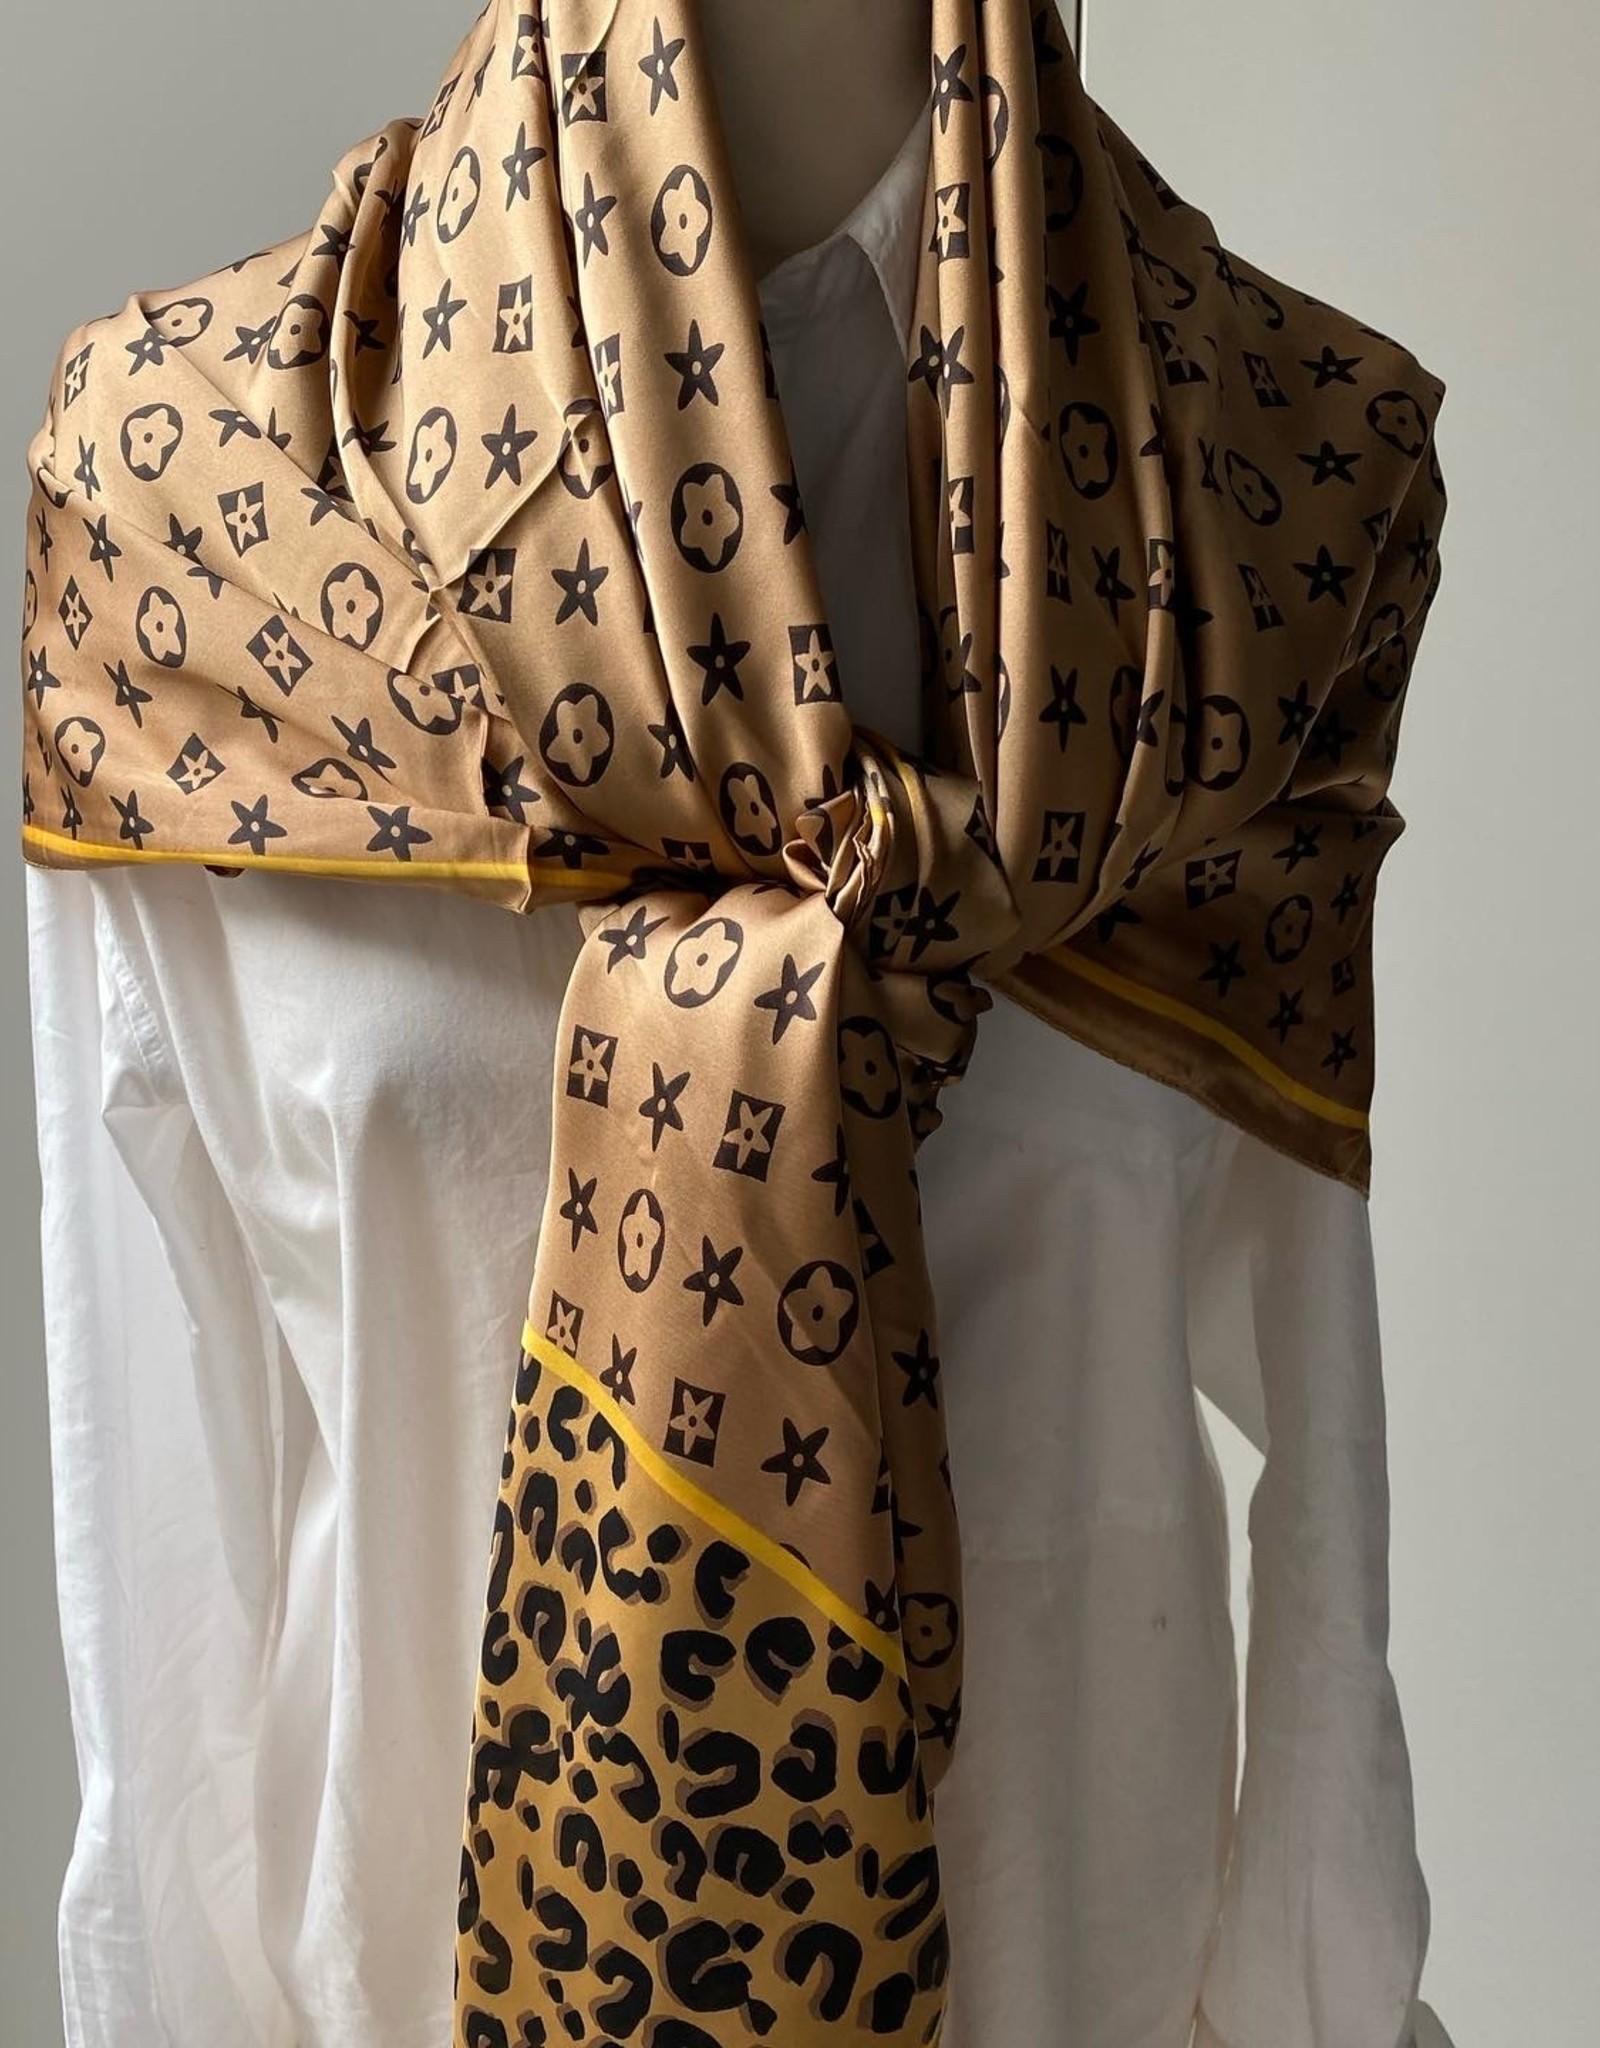 Vierkante sjaal in beige tinten met logo.